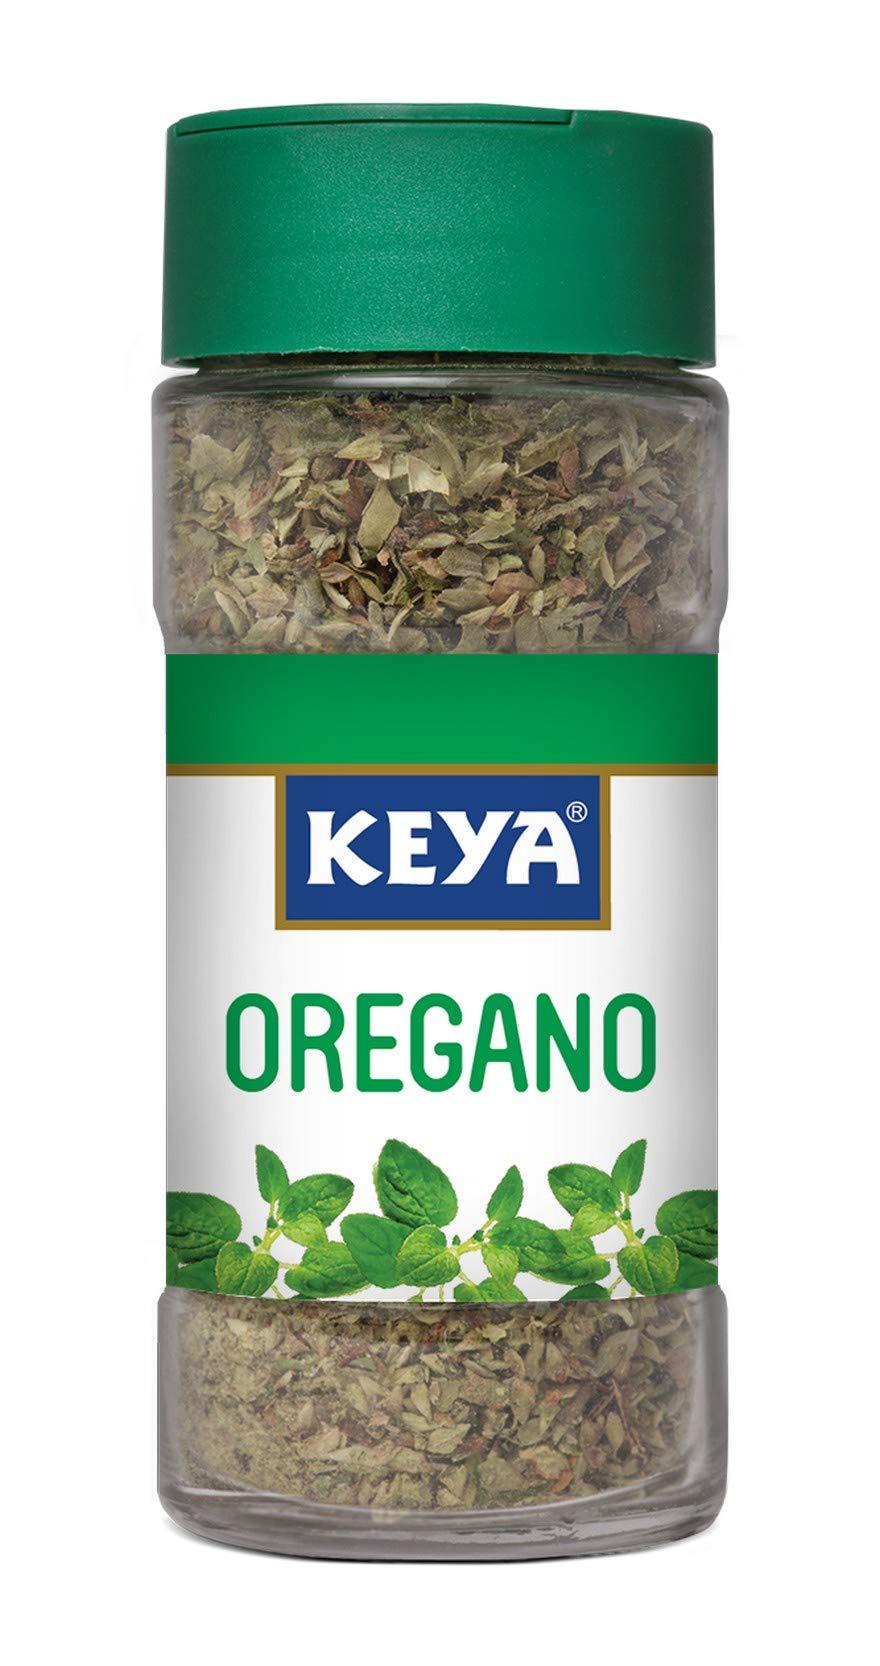 Keya Oregano, 9g